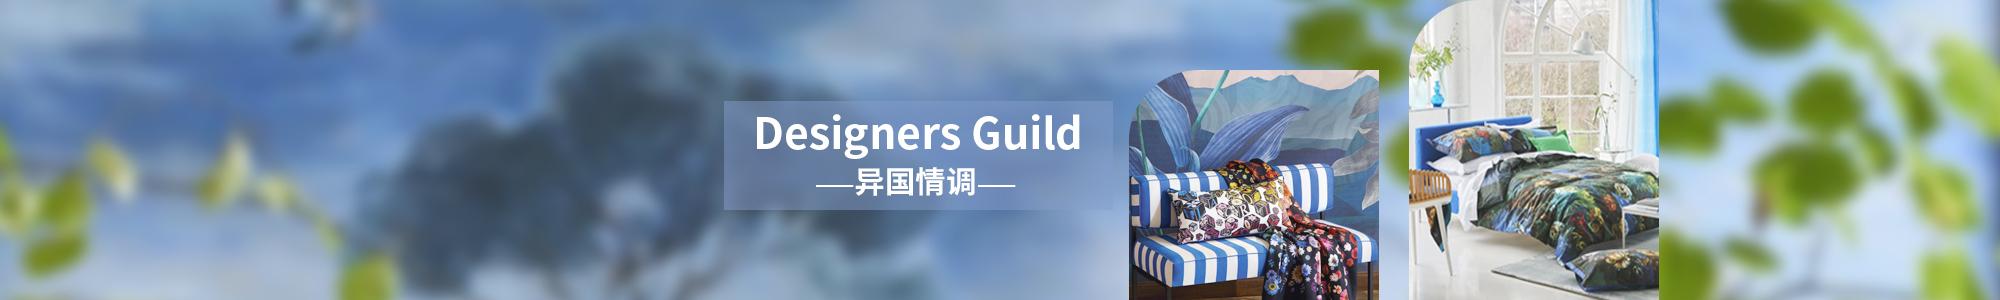 Designers Guild异国情调